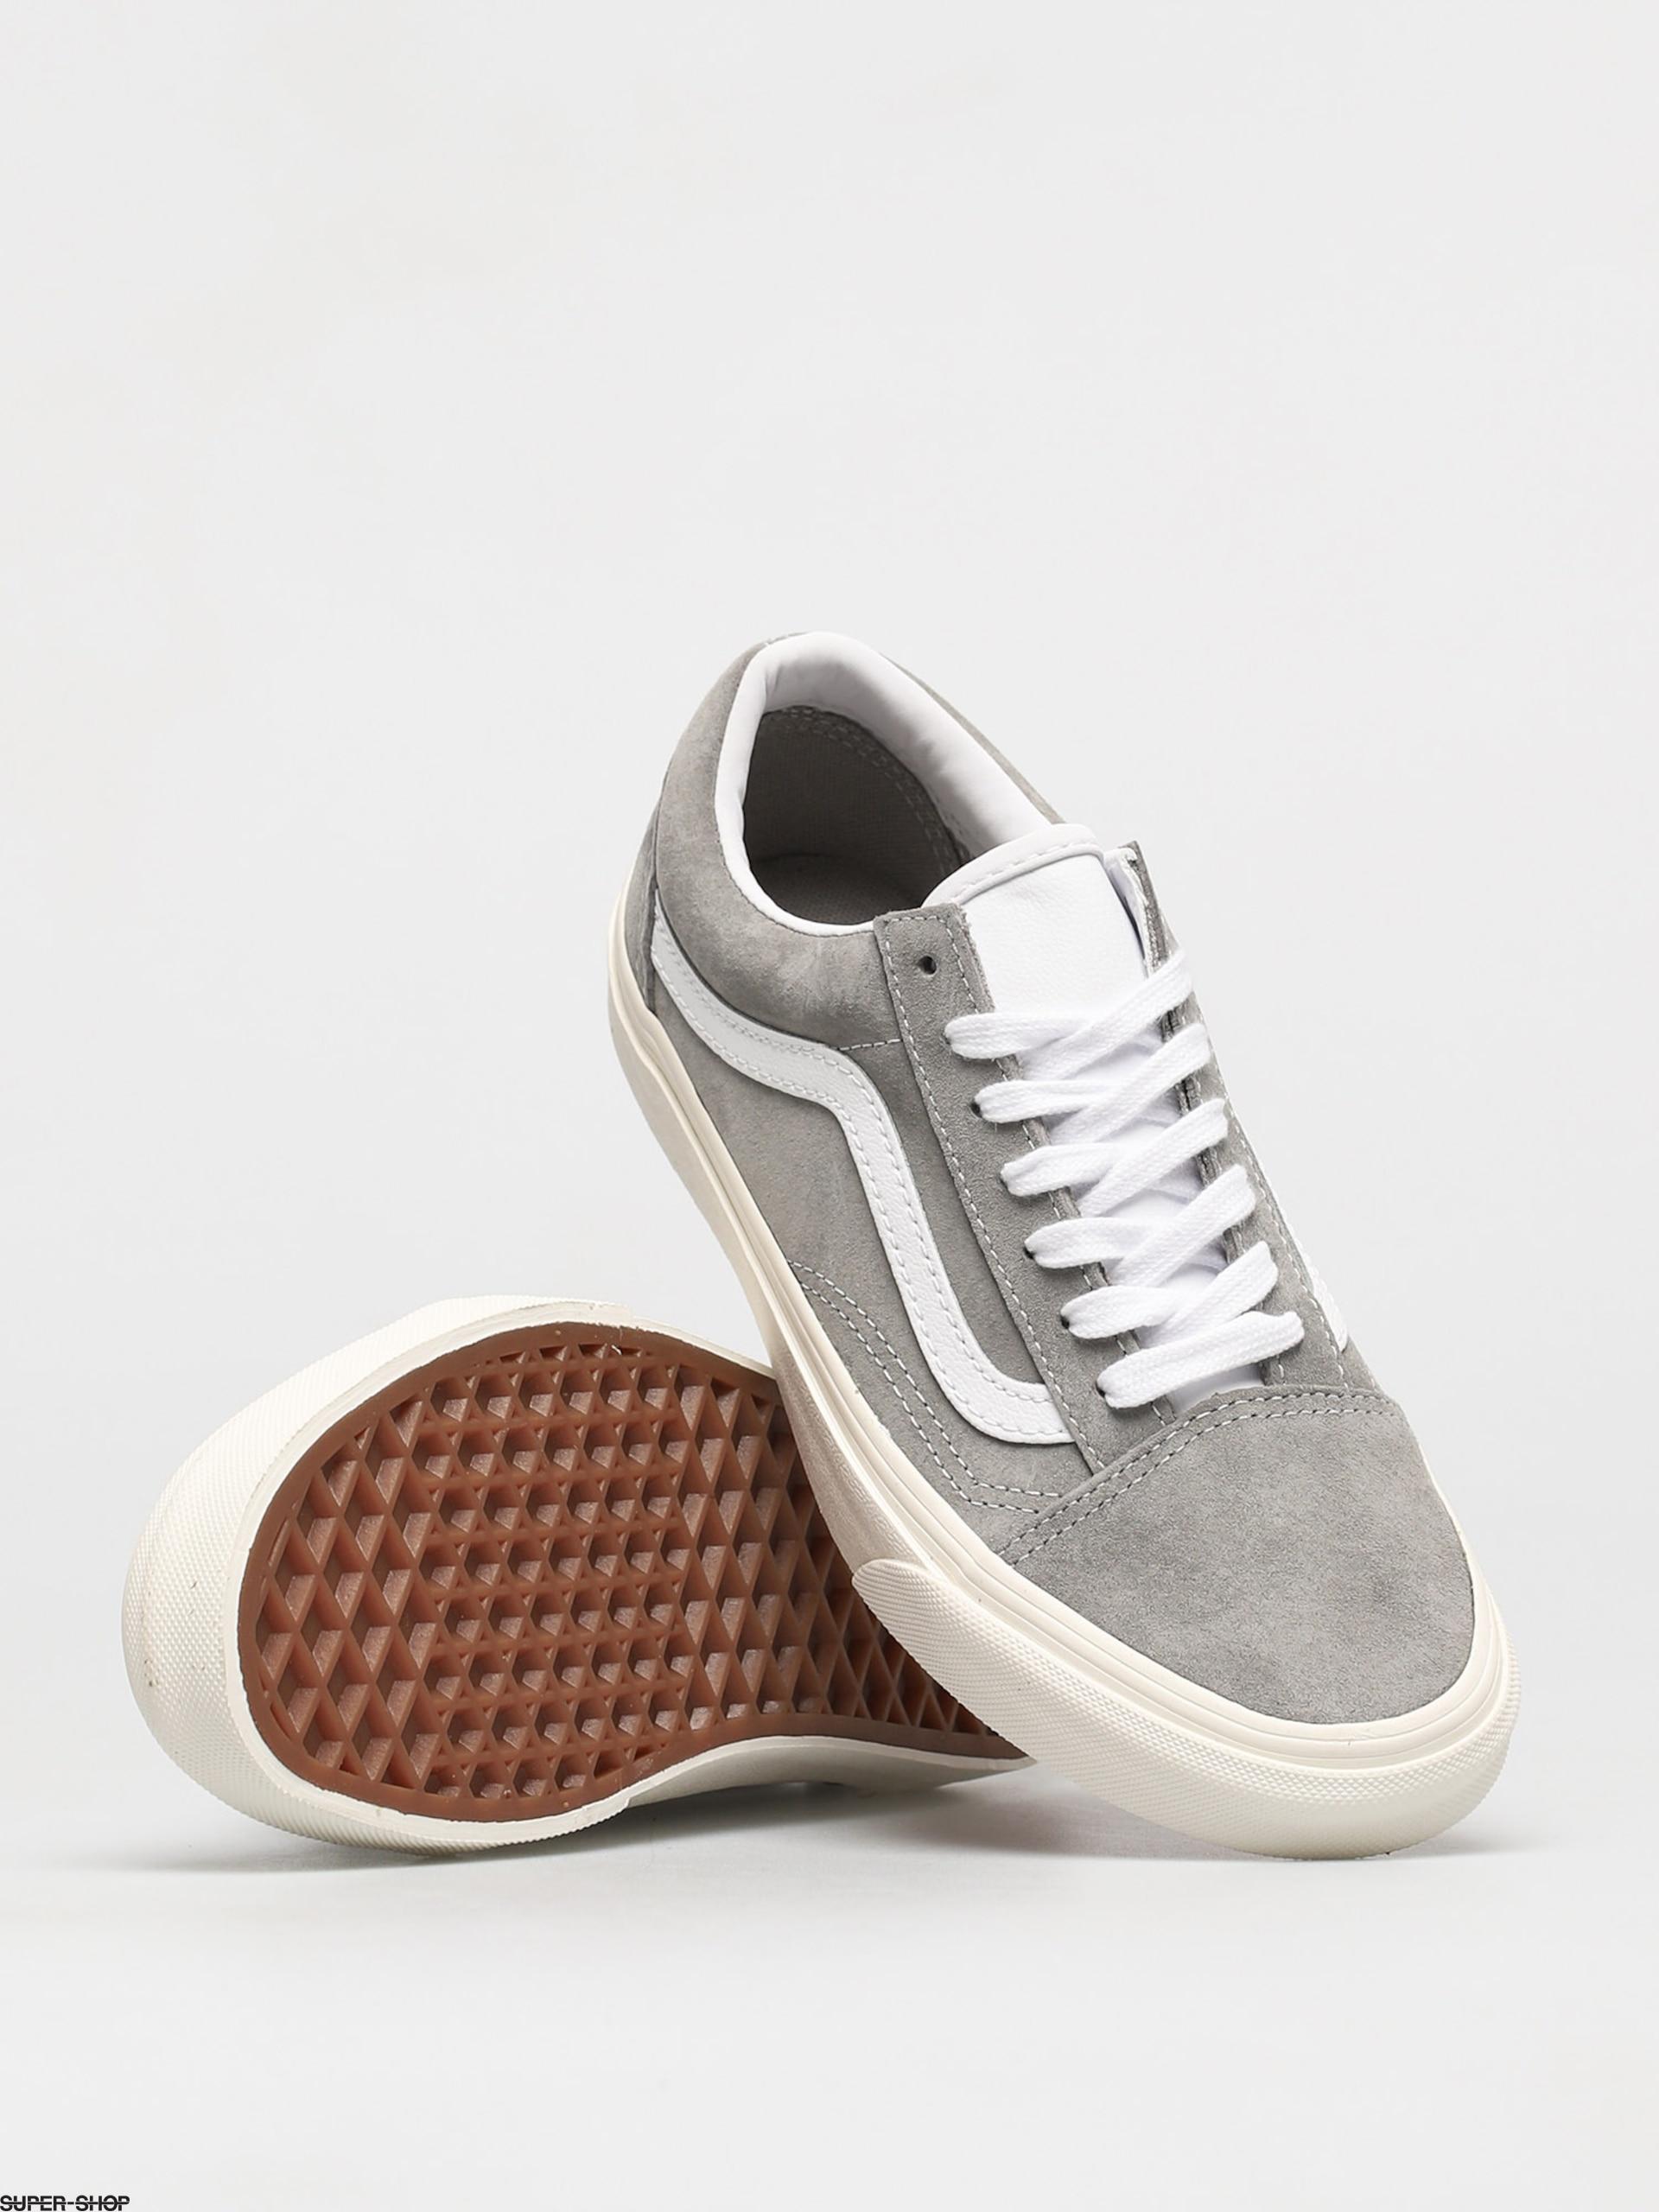 Vans Old Skool Shoes (pig suede